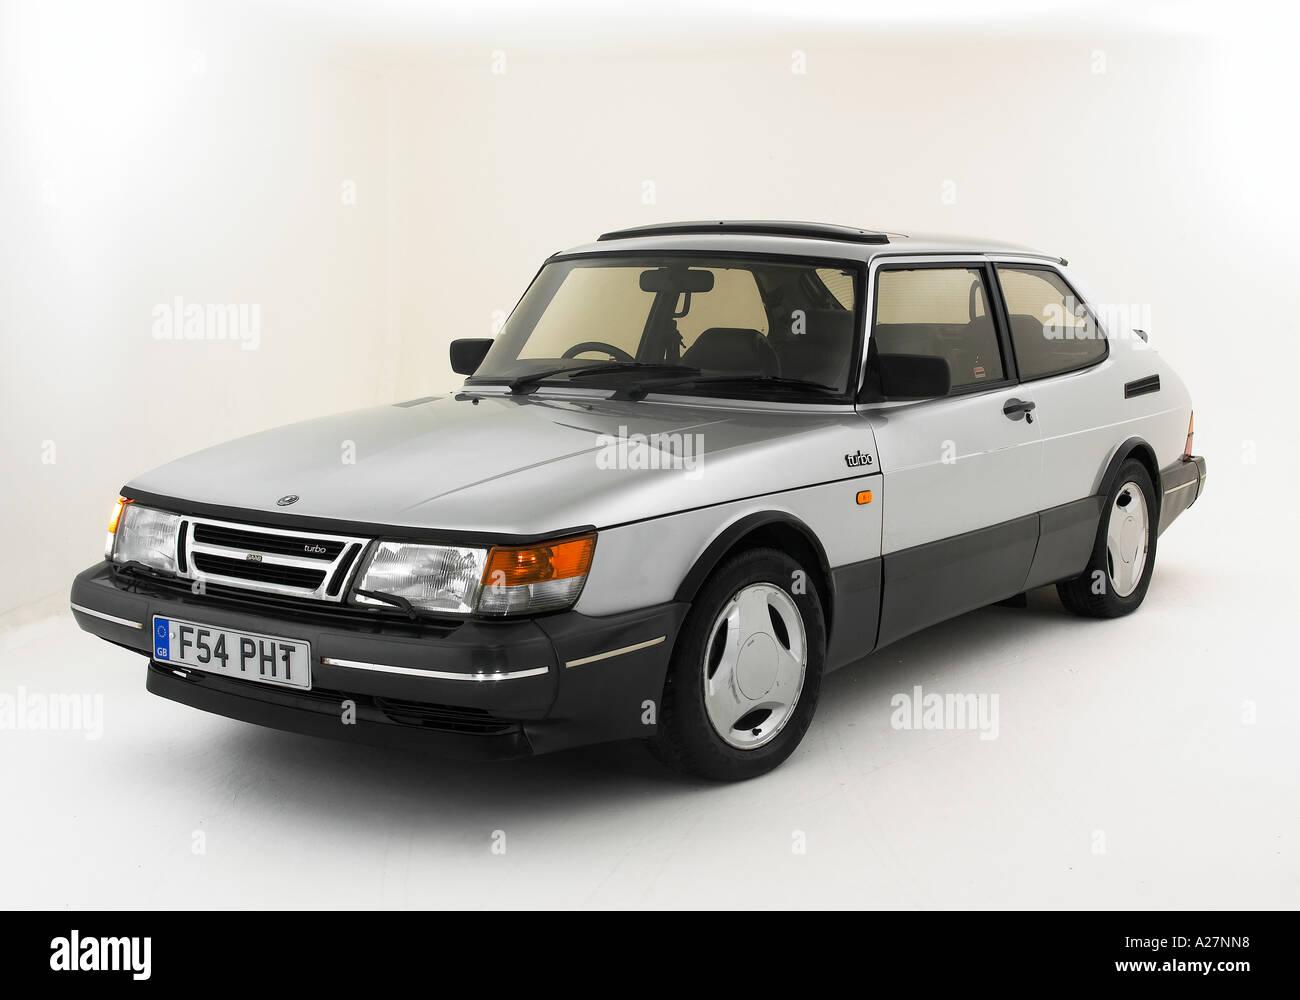 1988 Saab 900 Turbo - Stock Image